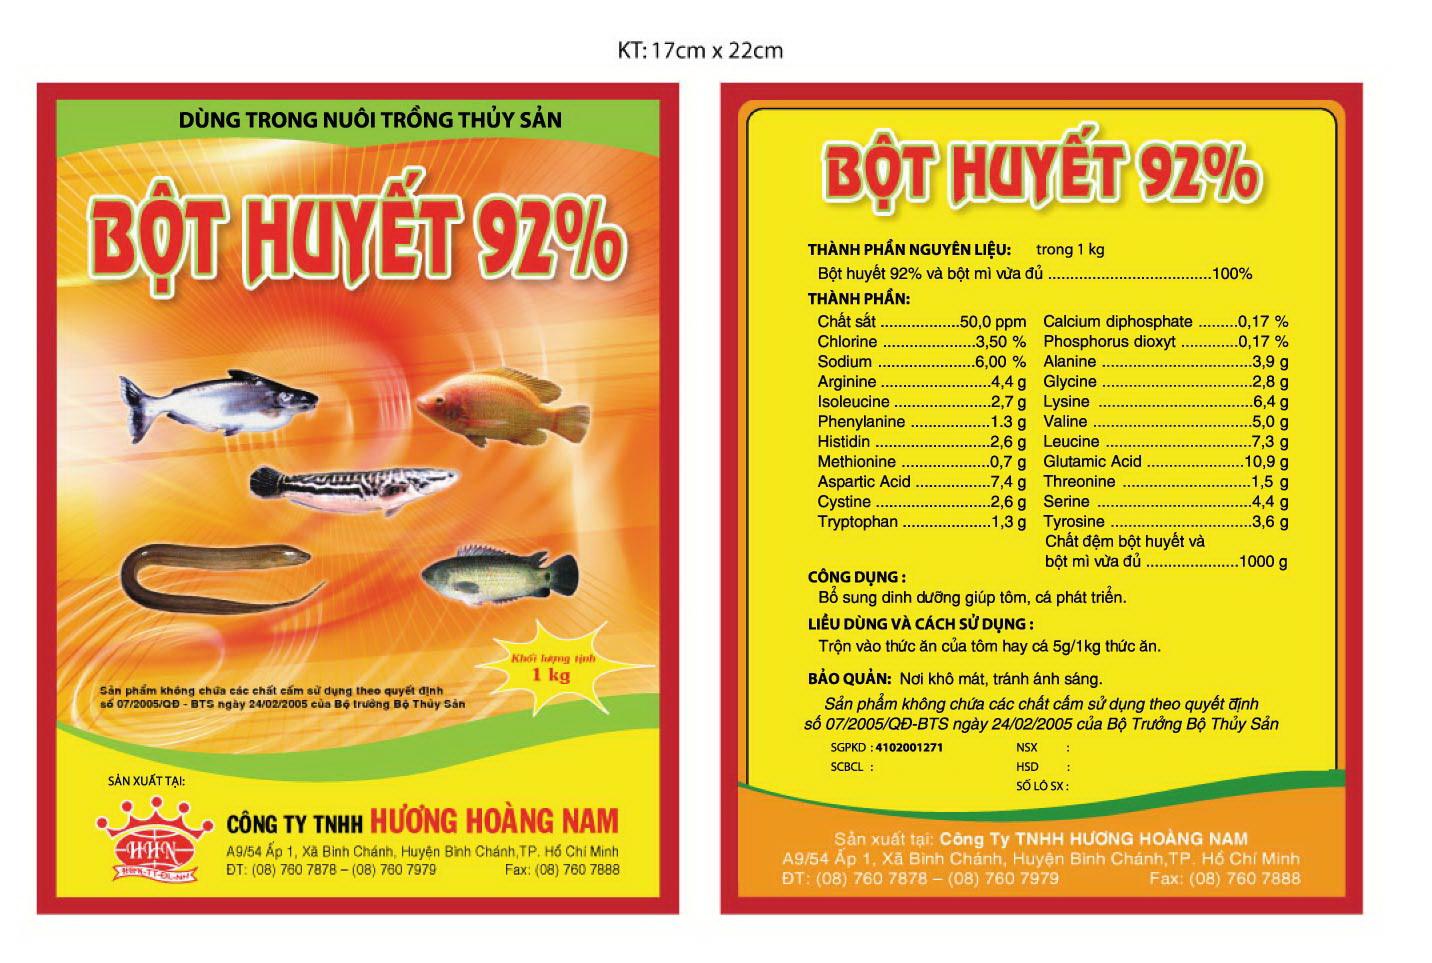 Dinh dưỡng gia súc Bột huyết 92%